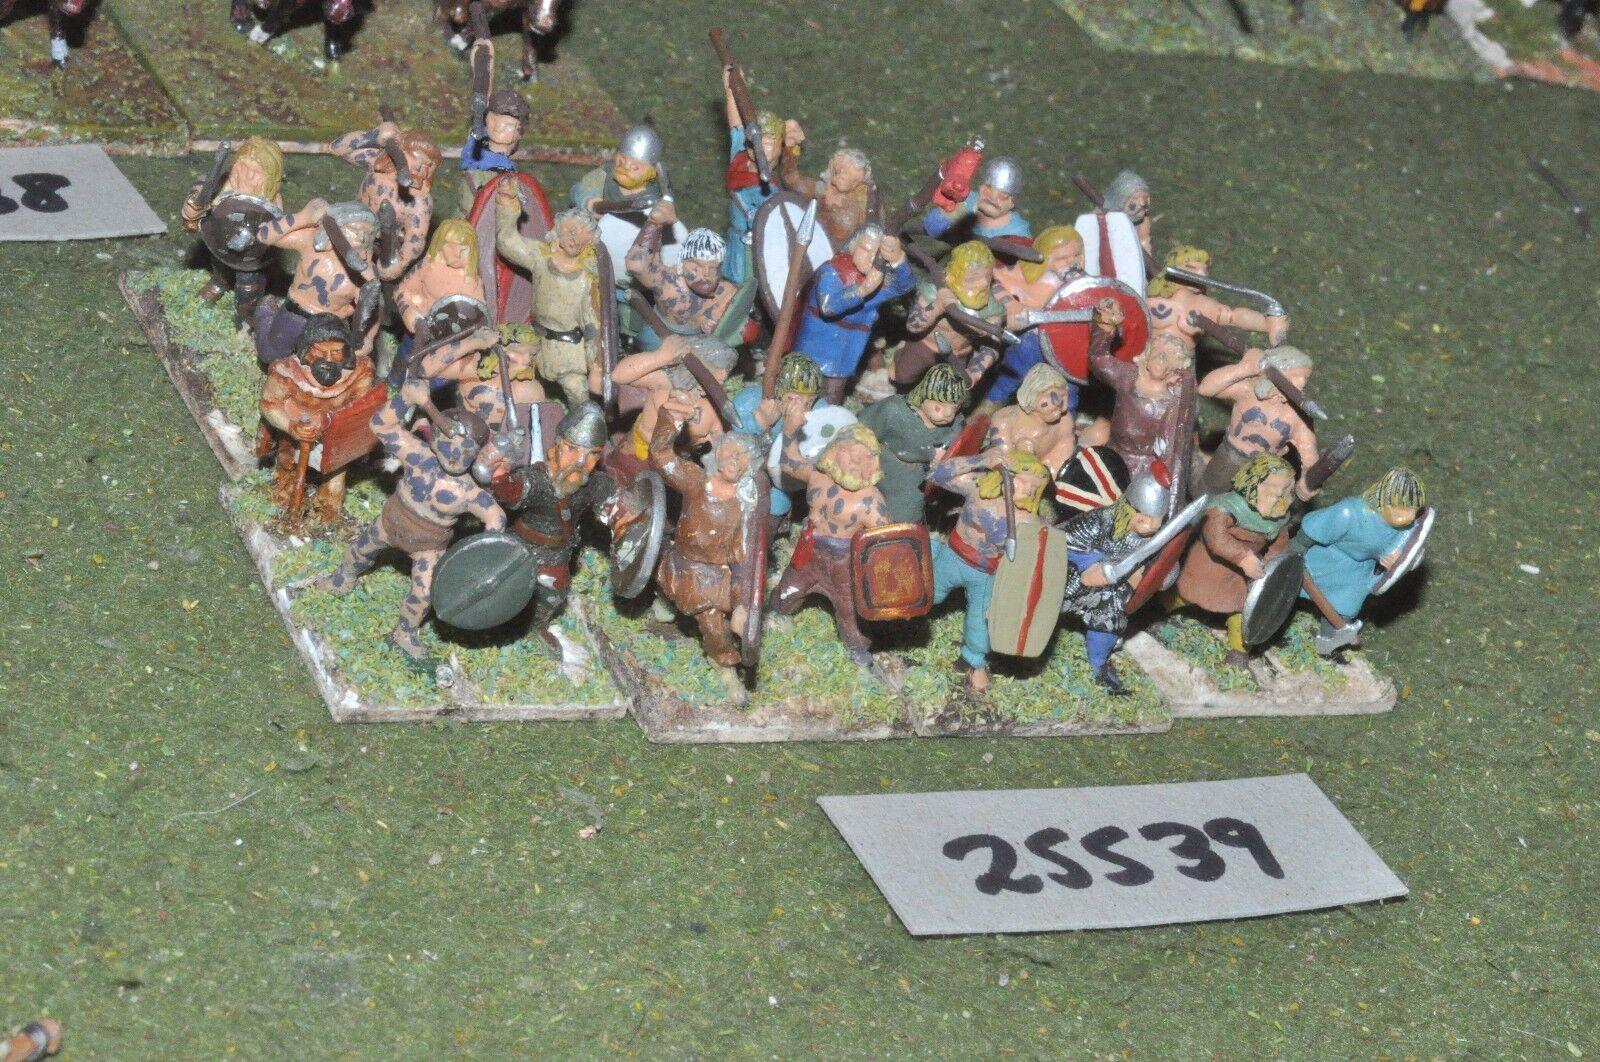 25mm roman era   gaul - warriors 32 figures - inf (25539)